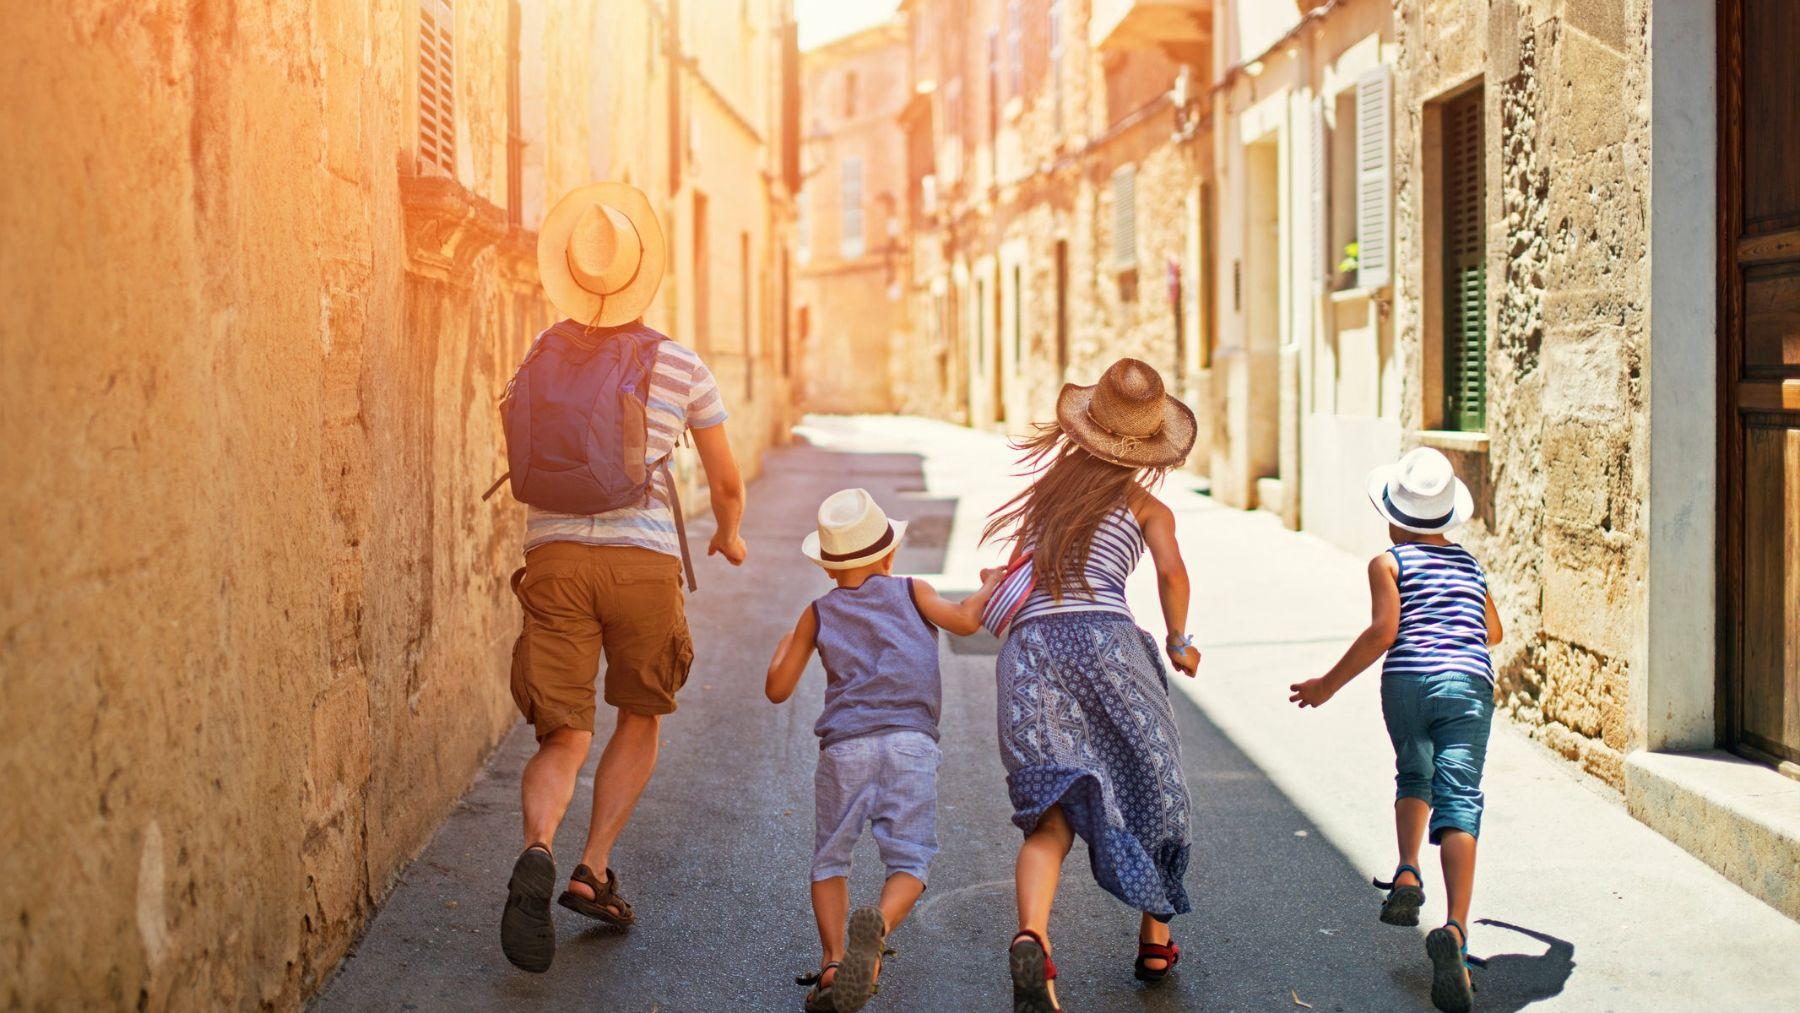 Descubre los mejores destinos para unas vacaciones en familia